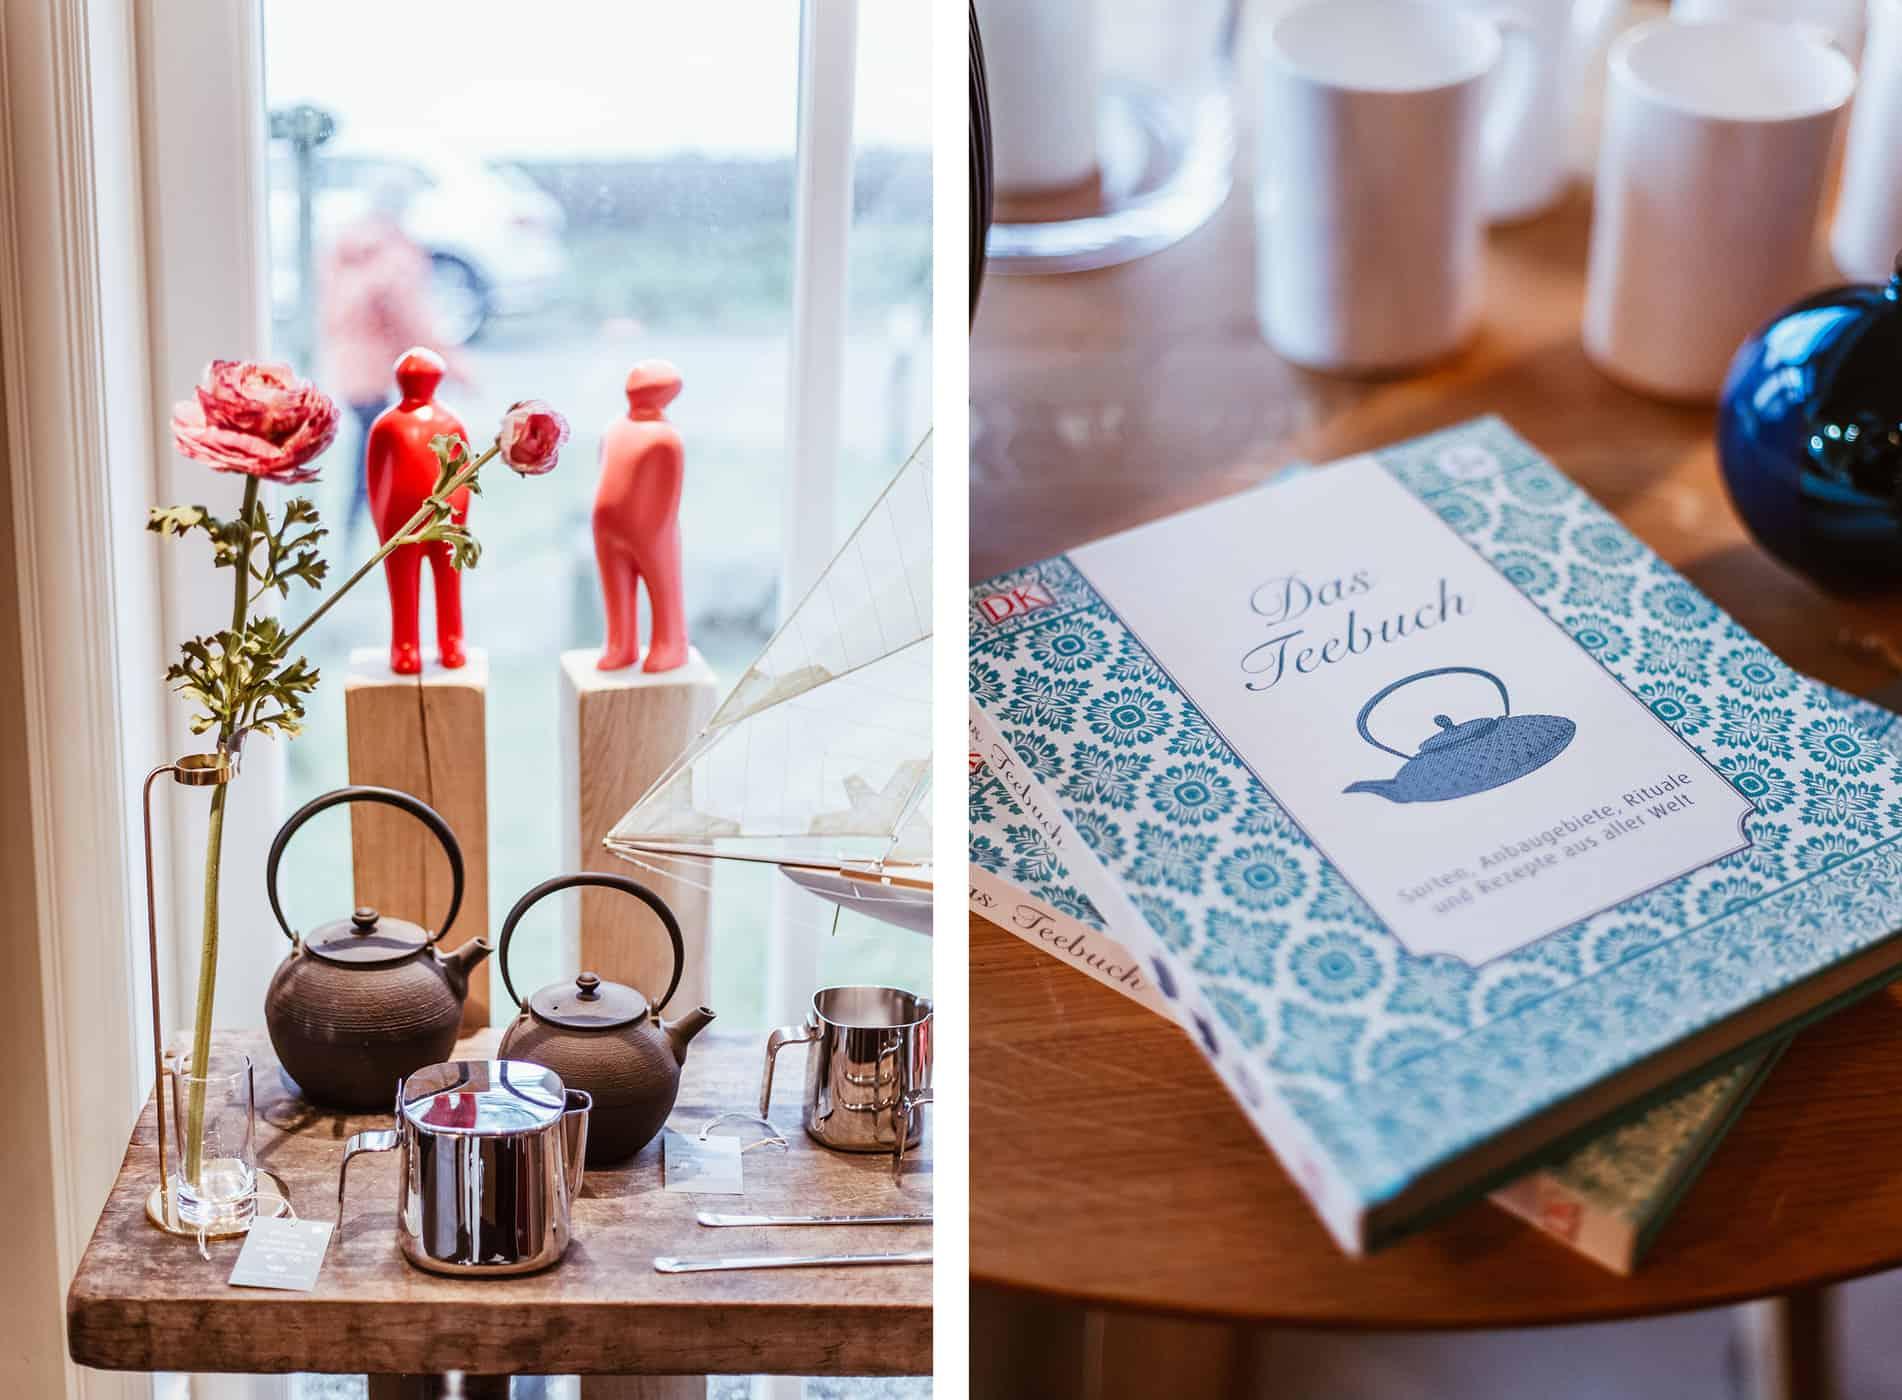 Teekontor Keitum Ladengeschäft Teekannen Bücher